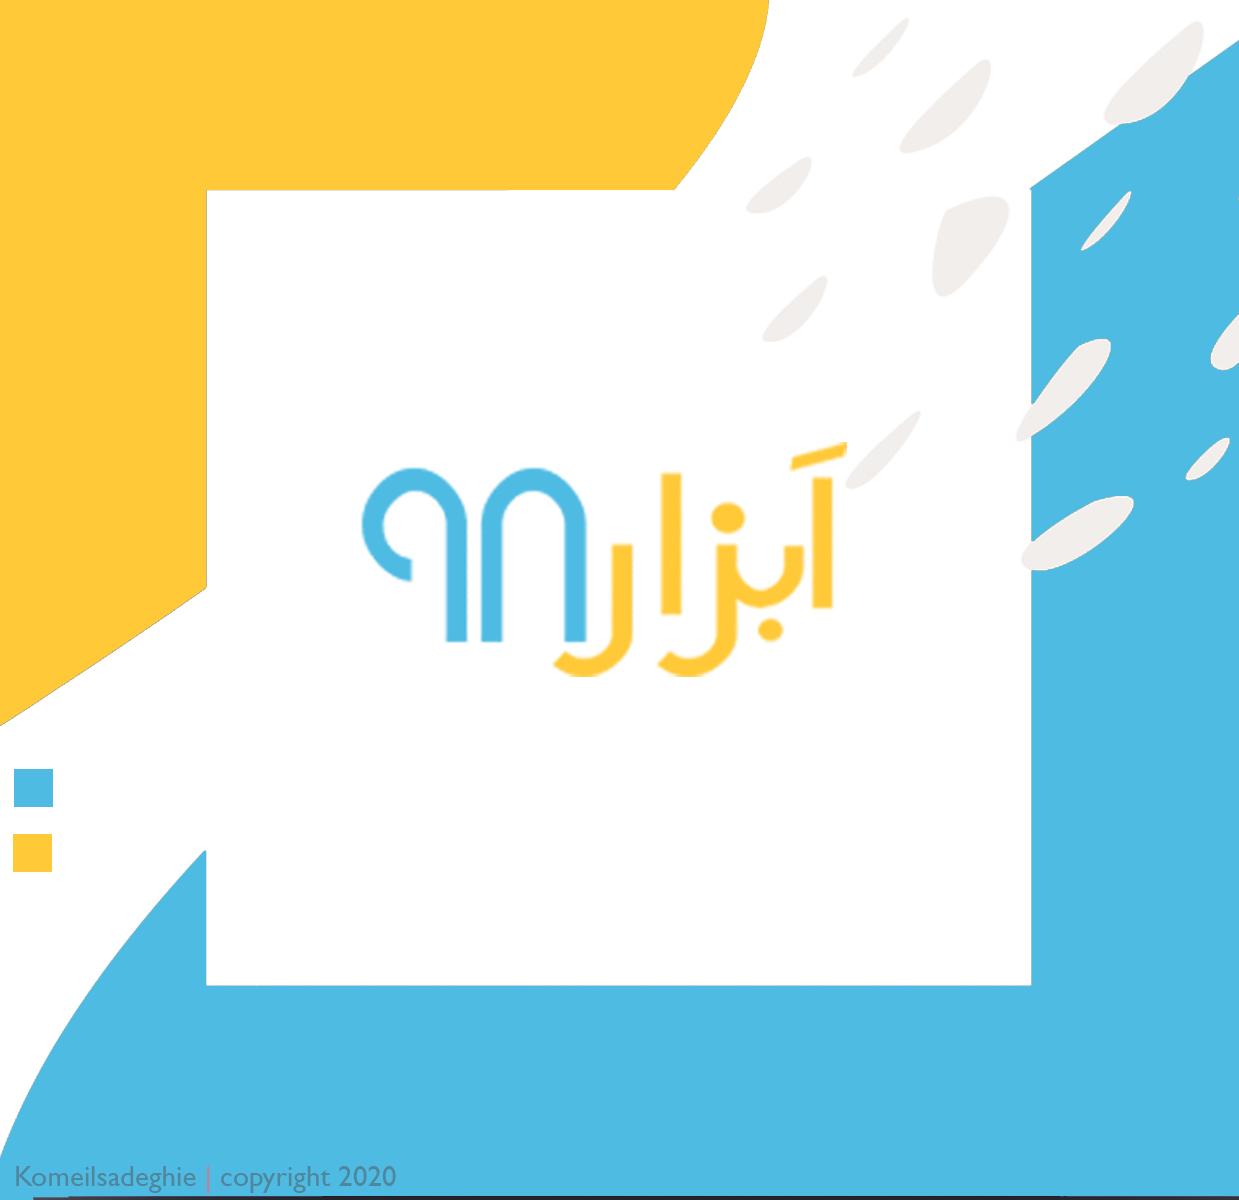 طراحی لوگو فروشگاه آنلاین ابزار 98